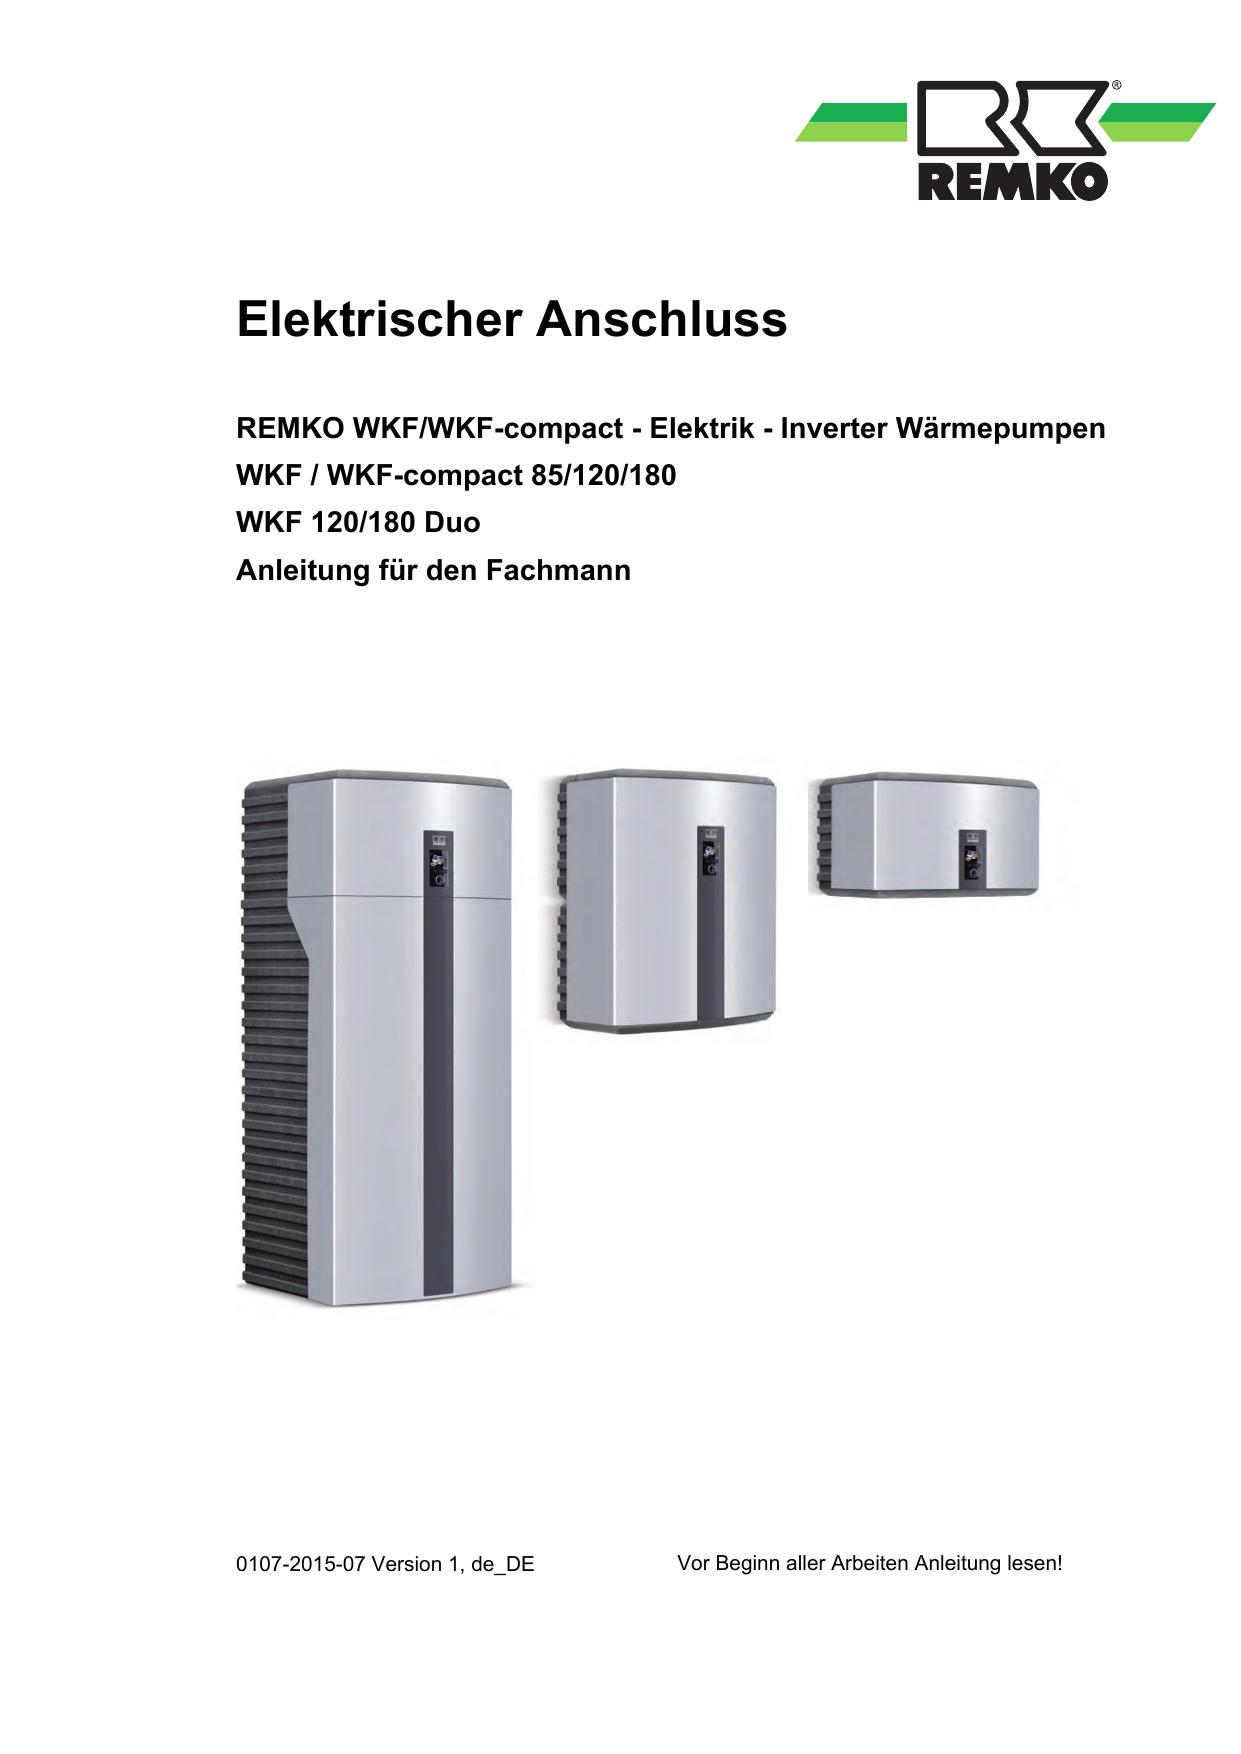 WKF-120-180Duo Elektischer Anschluss, 1, de_DE   manualzz.com